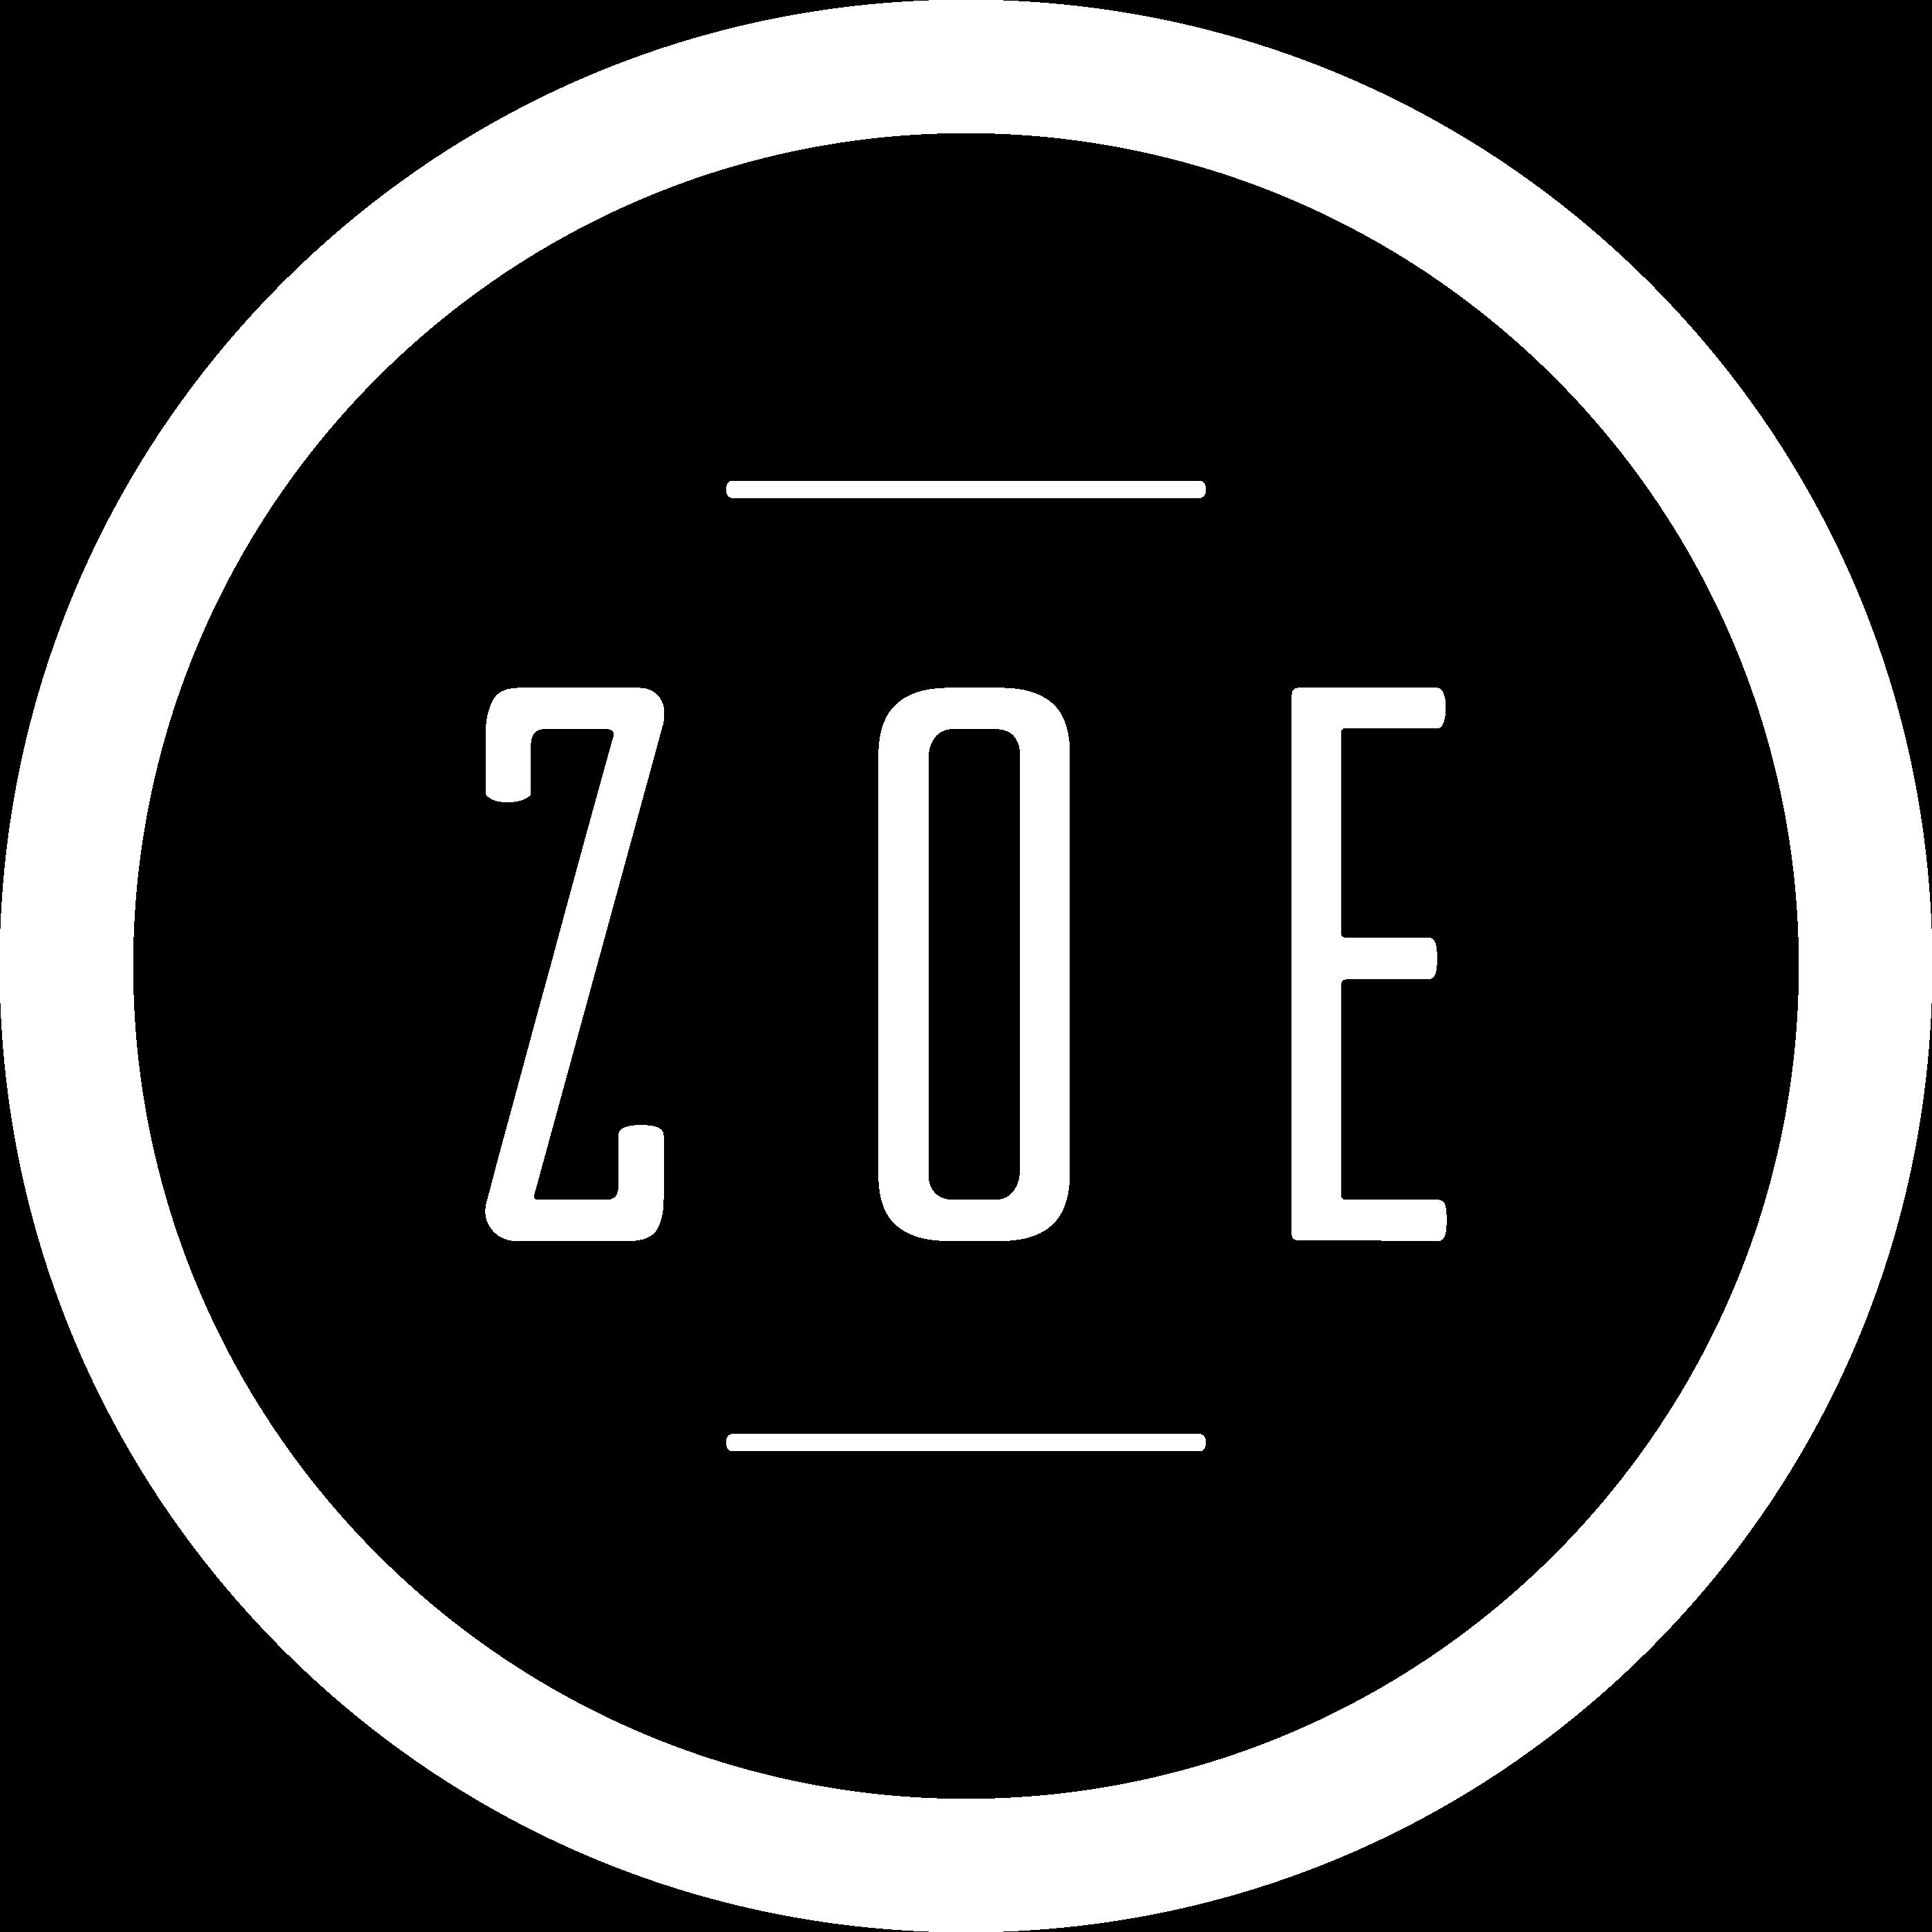 ZOE Youtube Channel Logo